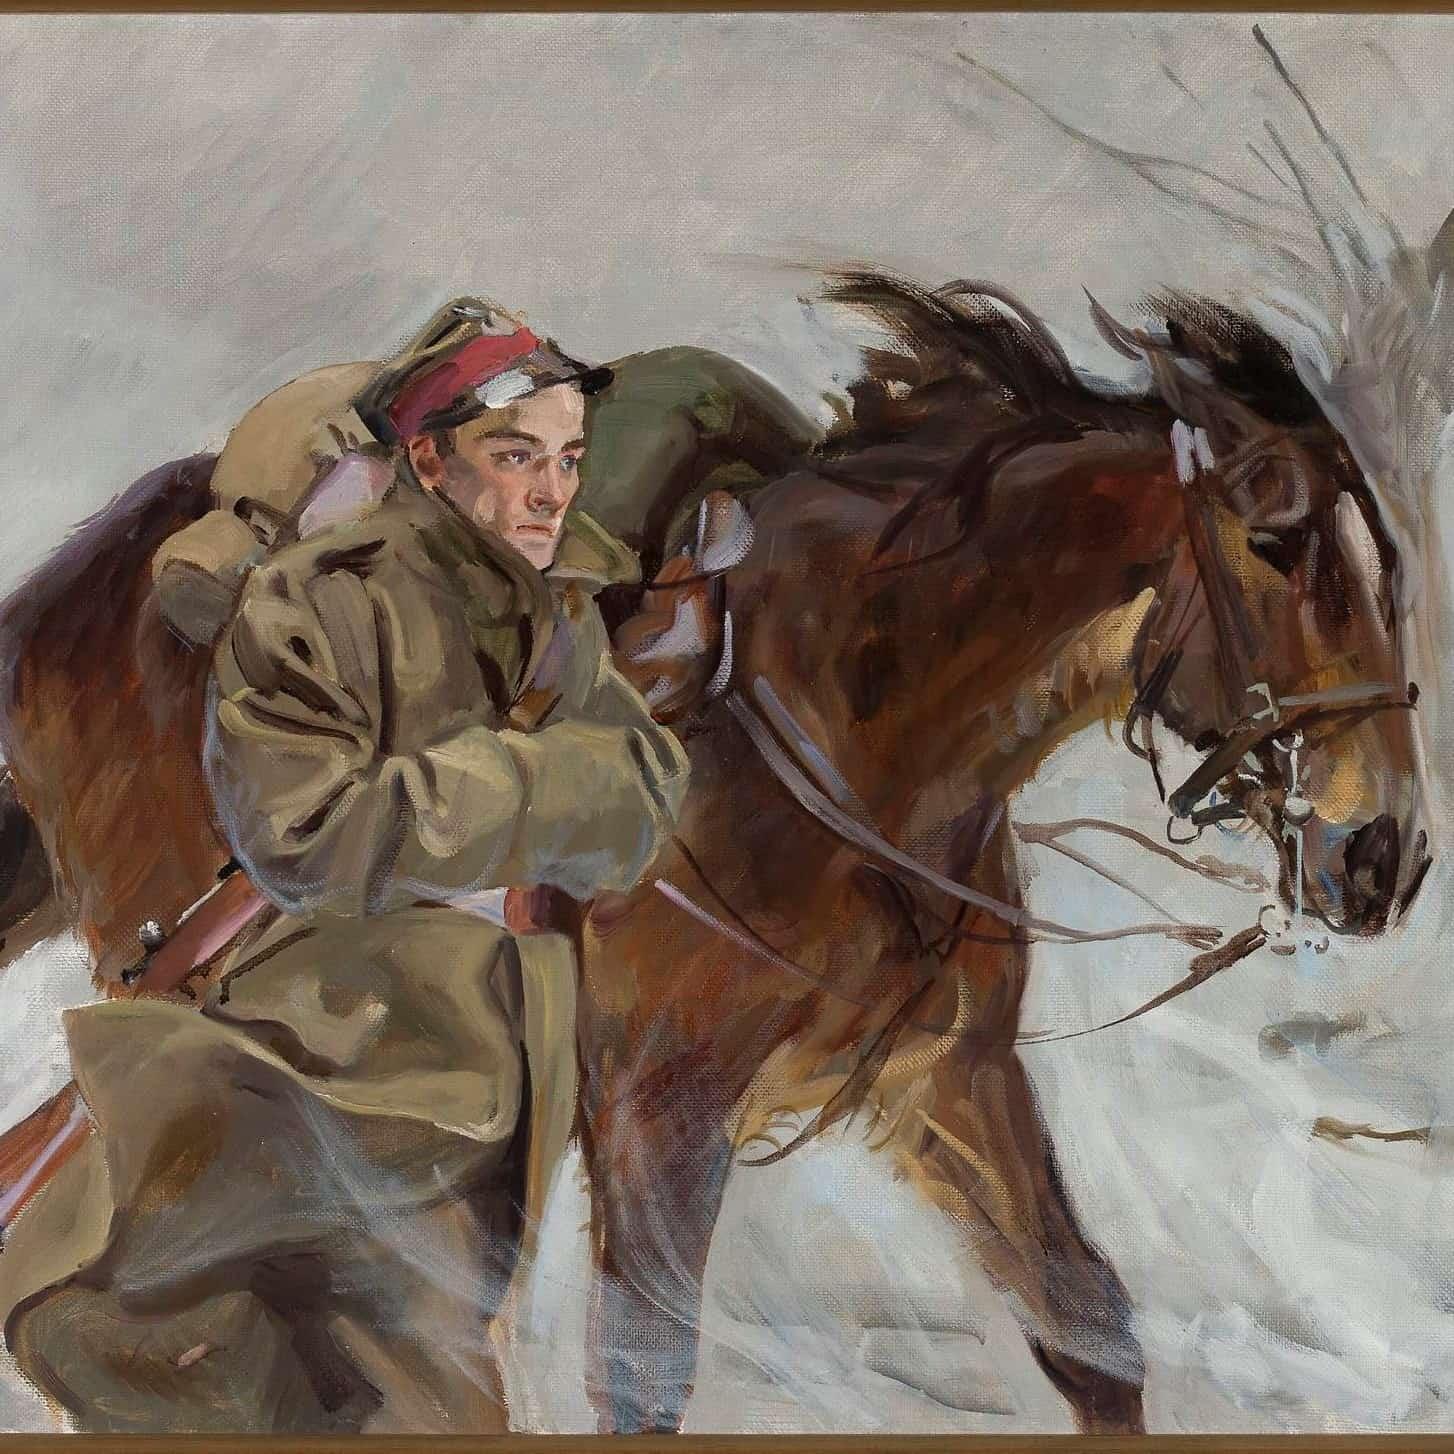 ilustracja do utworu Idzie żołnierz borem lasem obraz Żołnierz z koniem autorstwa Wojciecha Kossaka